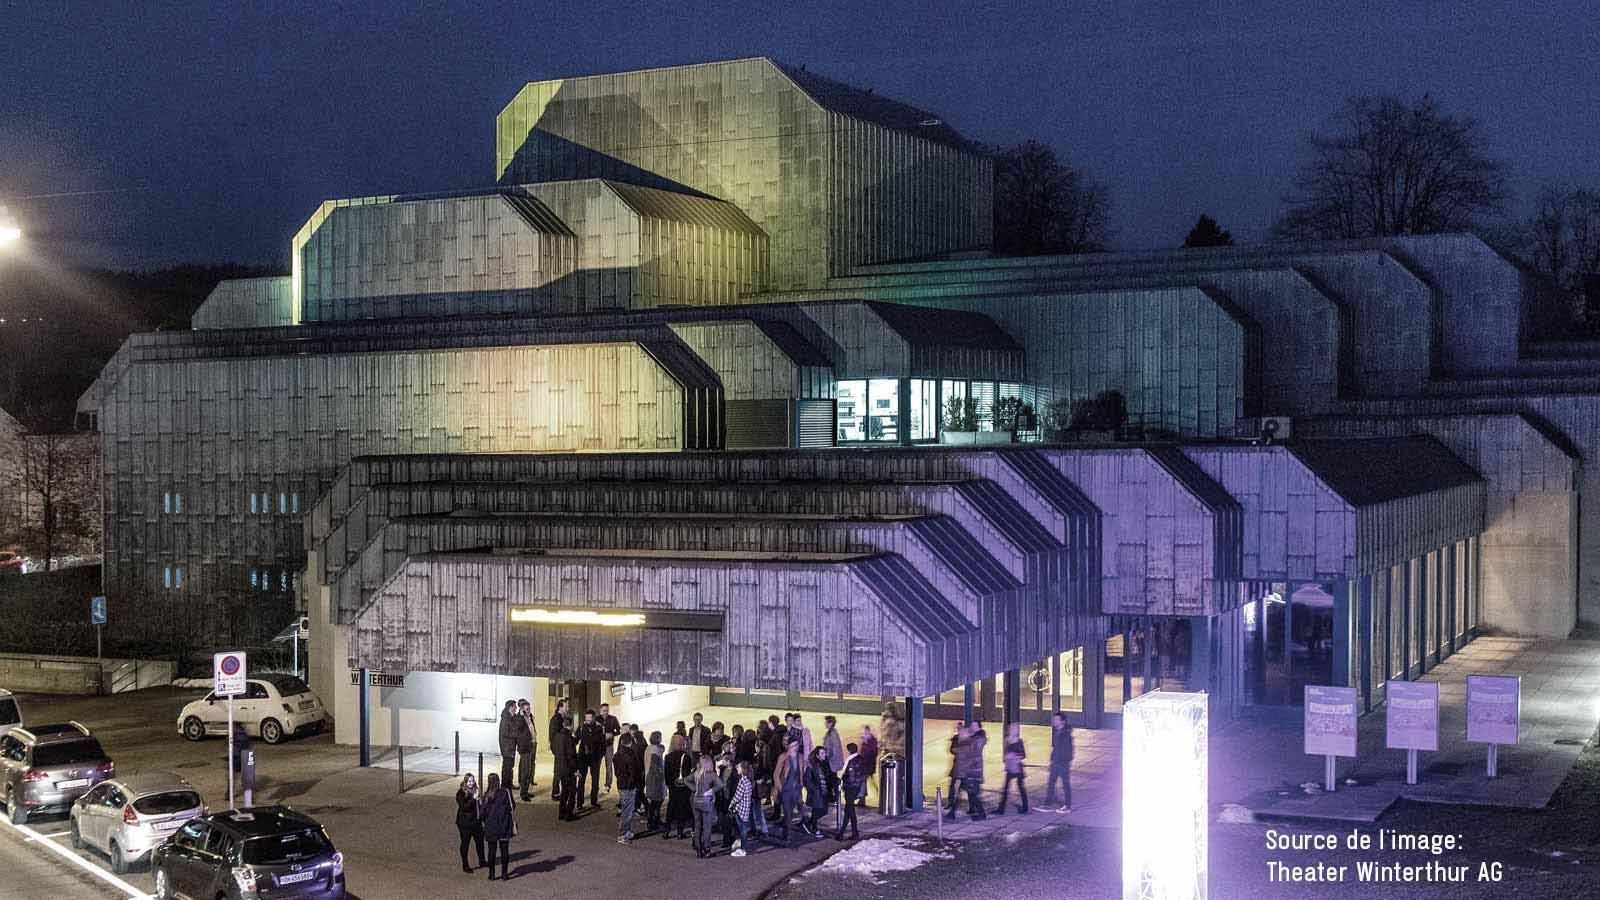 Innovation radicale - Un système Shure Axient Digital ADX au théâtre de Winterthur